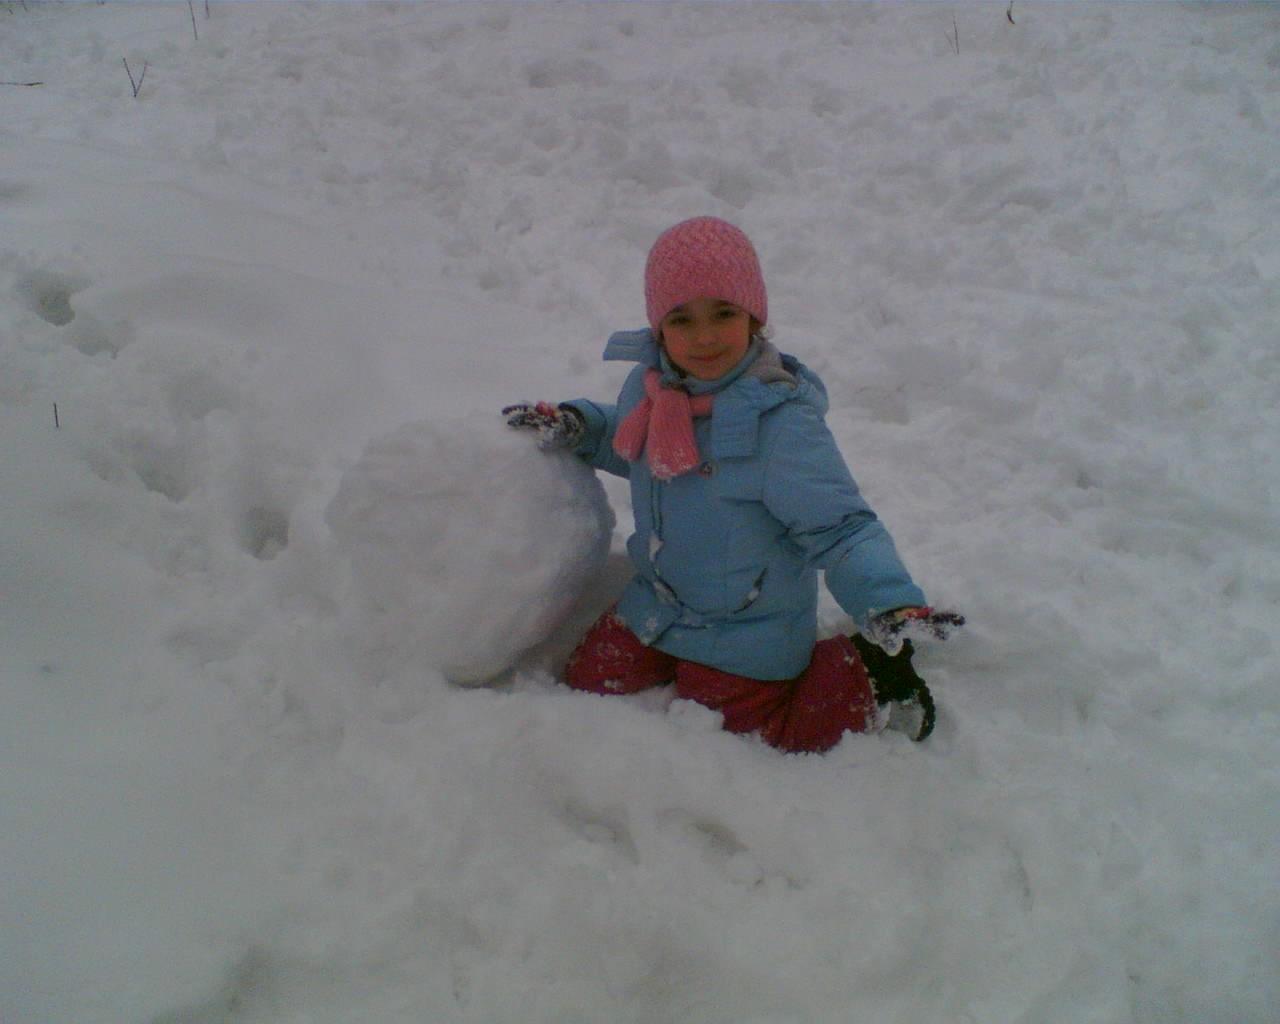 Я лепила снежный ком,глазки сделала потом. Это сладкое слово - прогулка!..